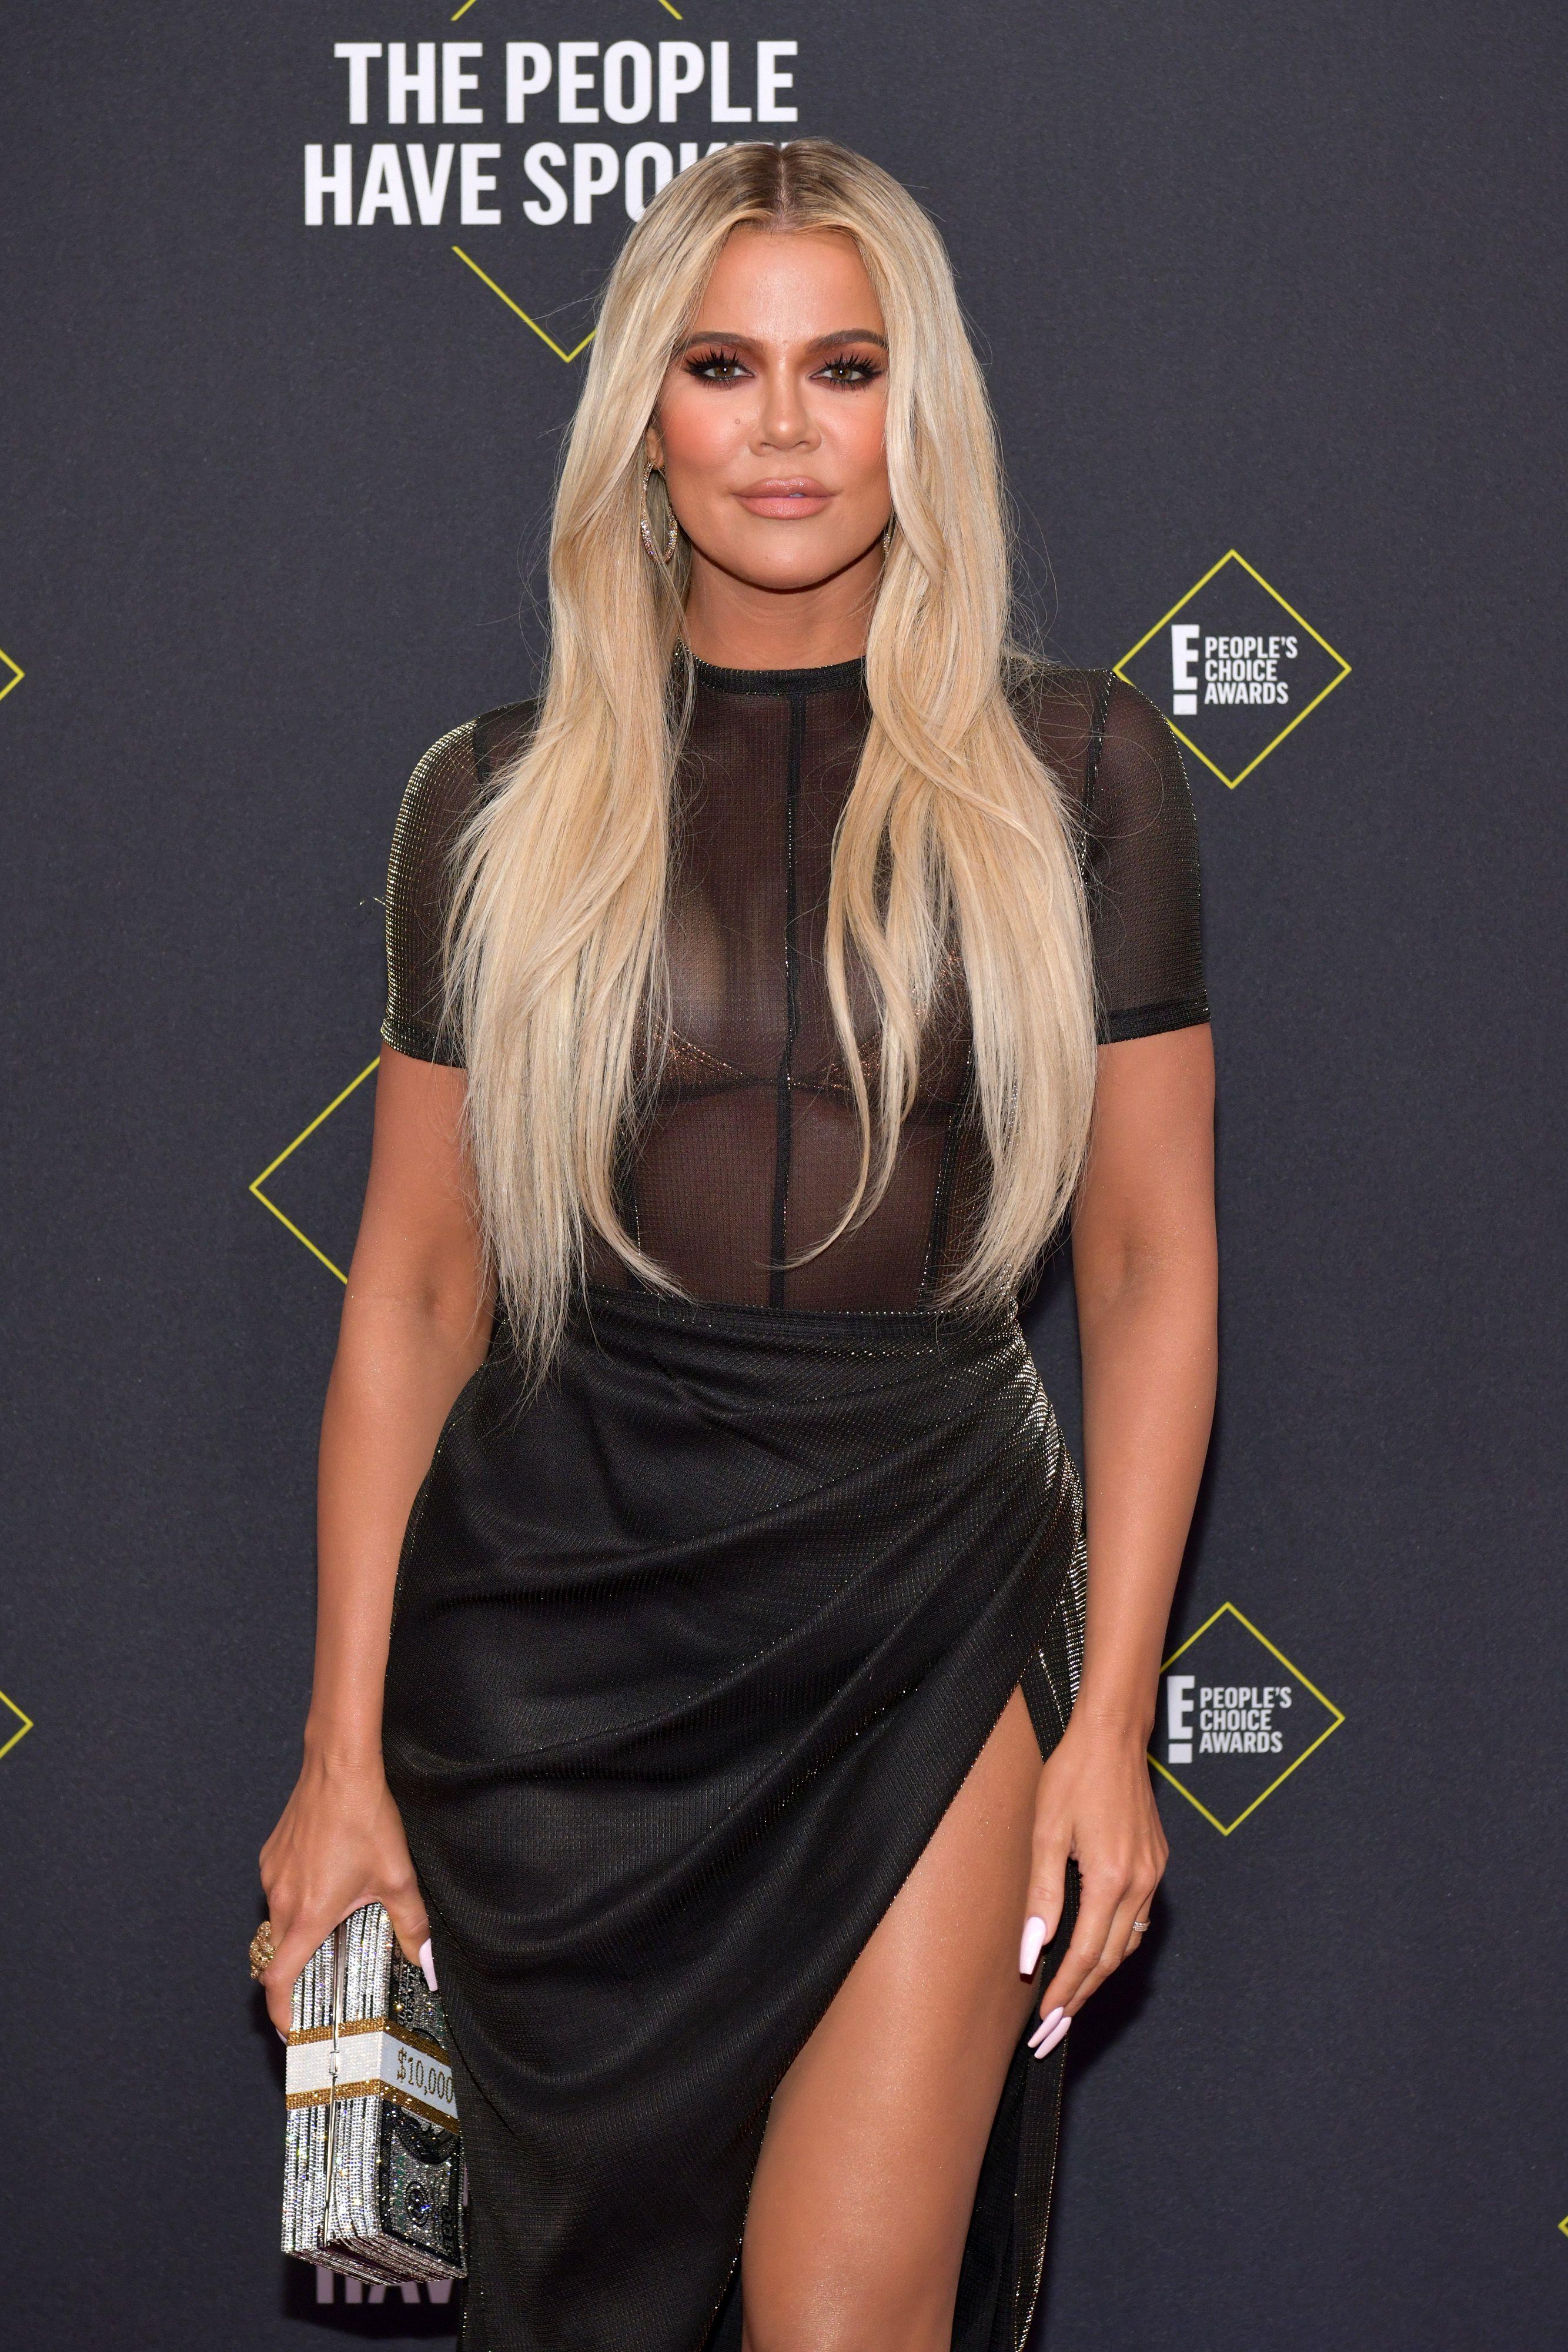 La gran transformación de Khloé Kardashian, ¿Photoshop, maquillaje o cirugía?